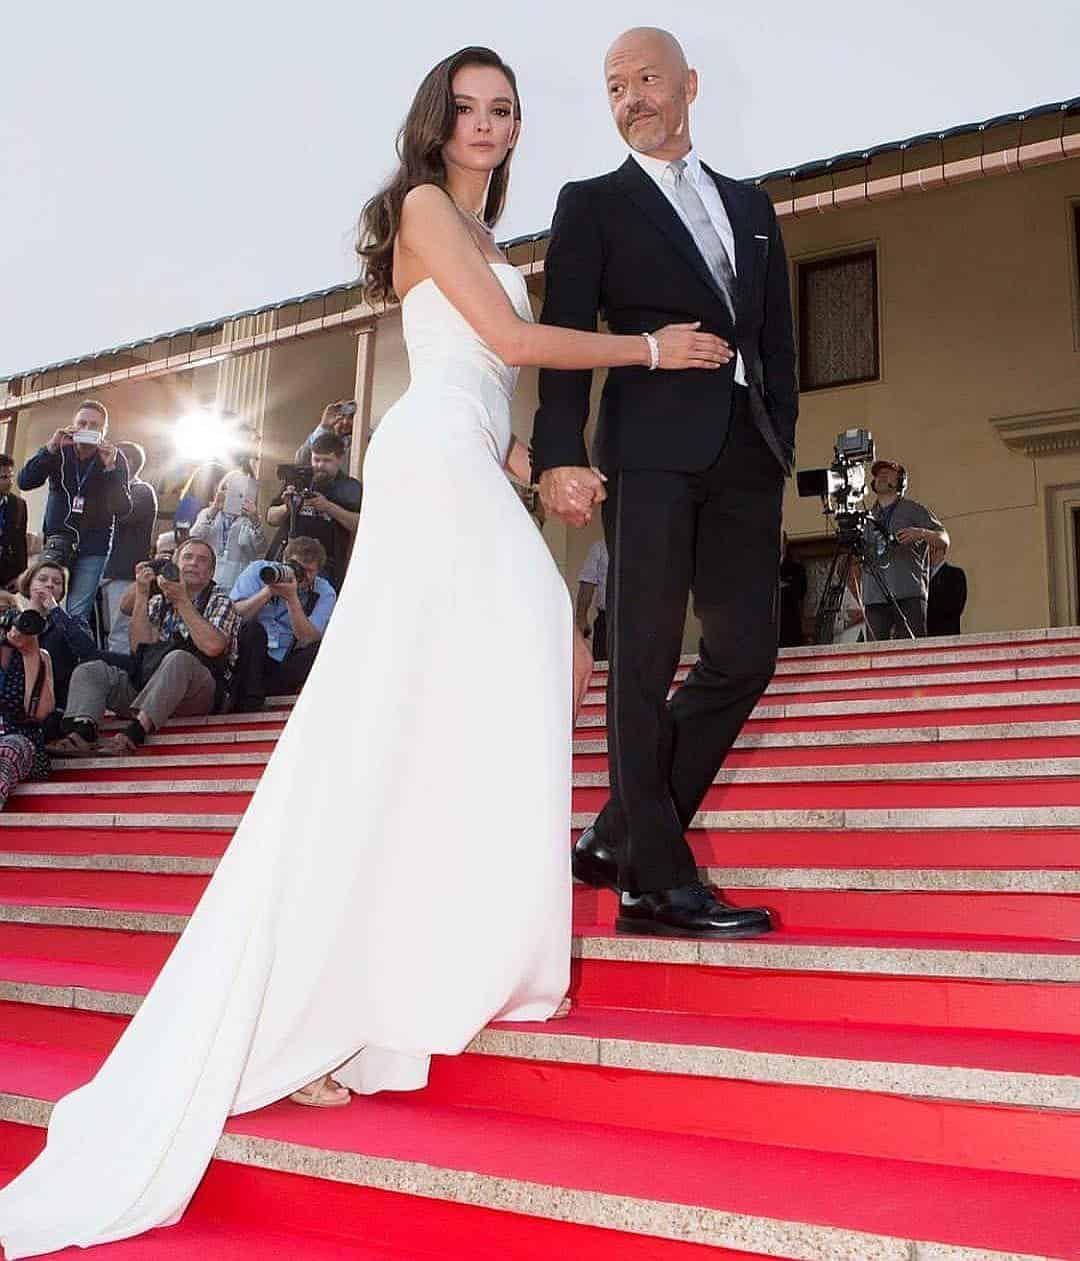 Свадьба Бондарчука и Андреевой: платье невесты и гости, фото и видео со свадьбы, чем запомнилась их свадьба